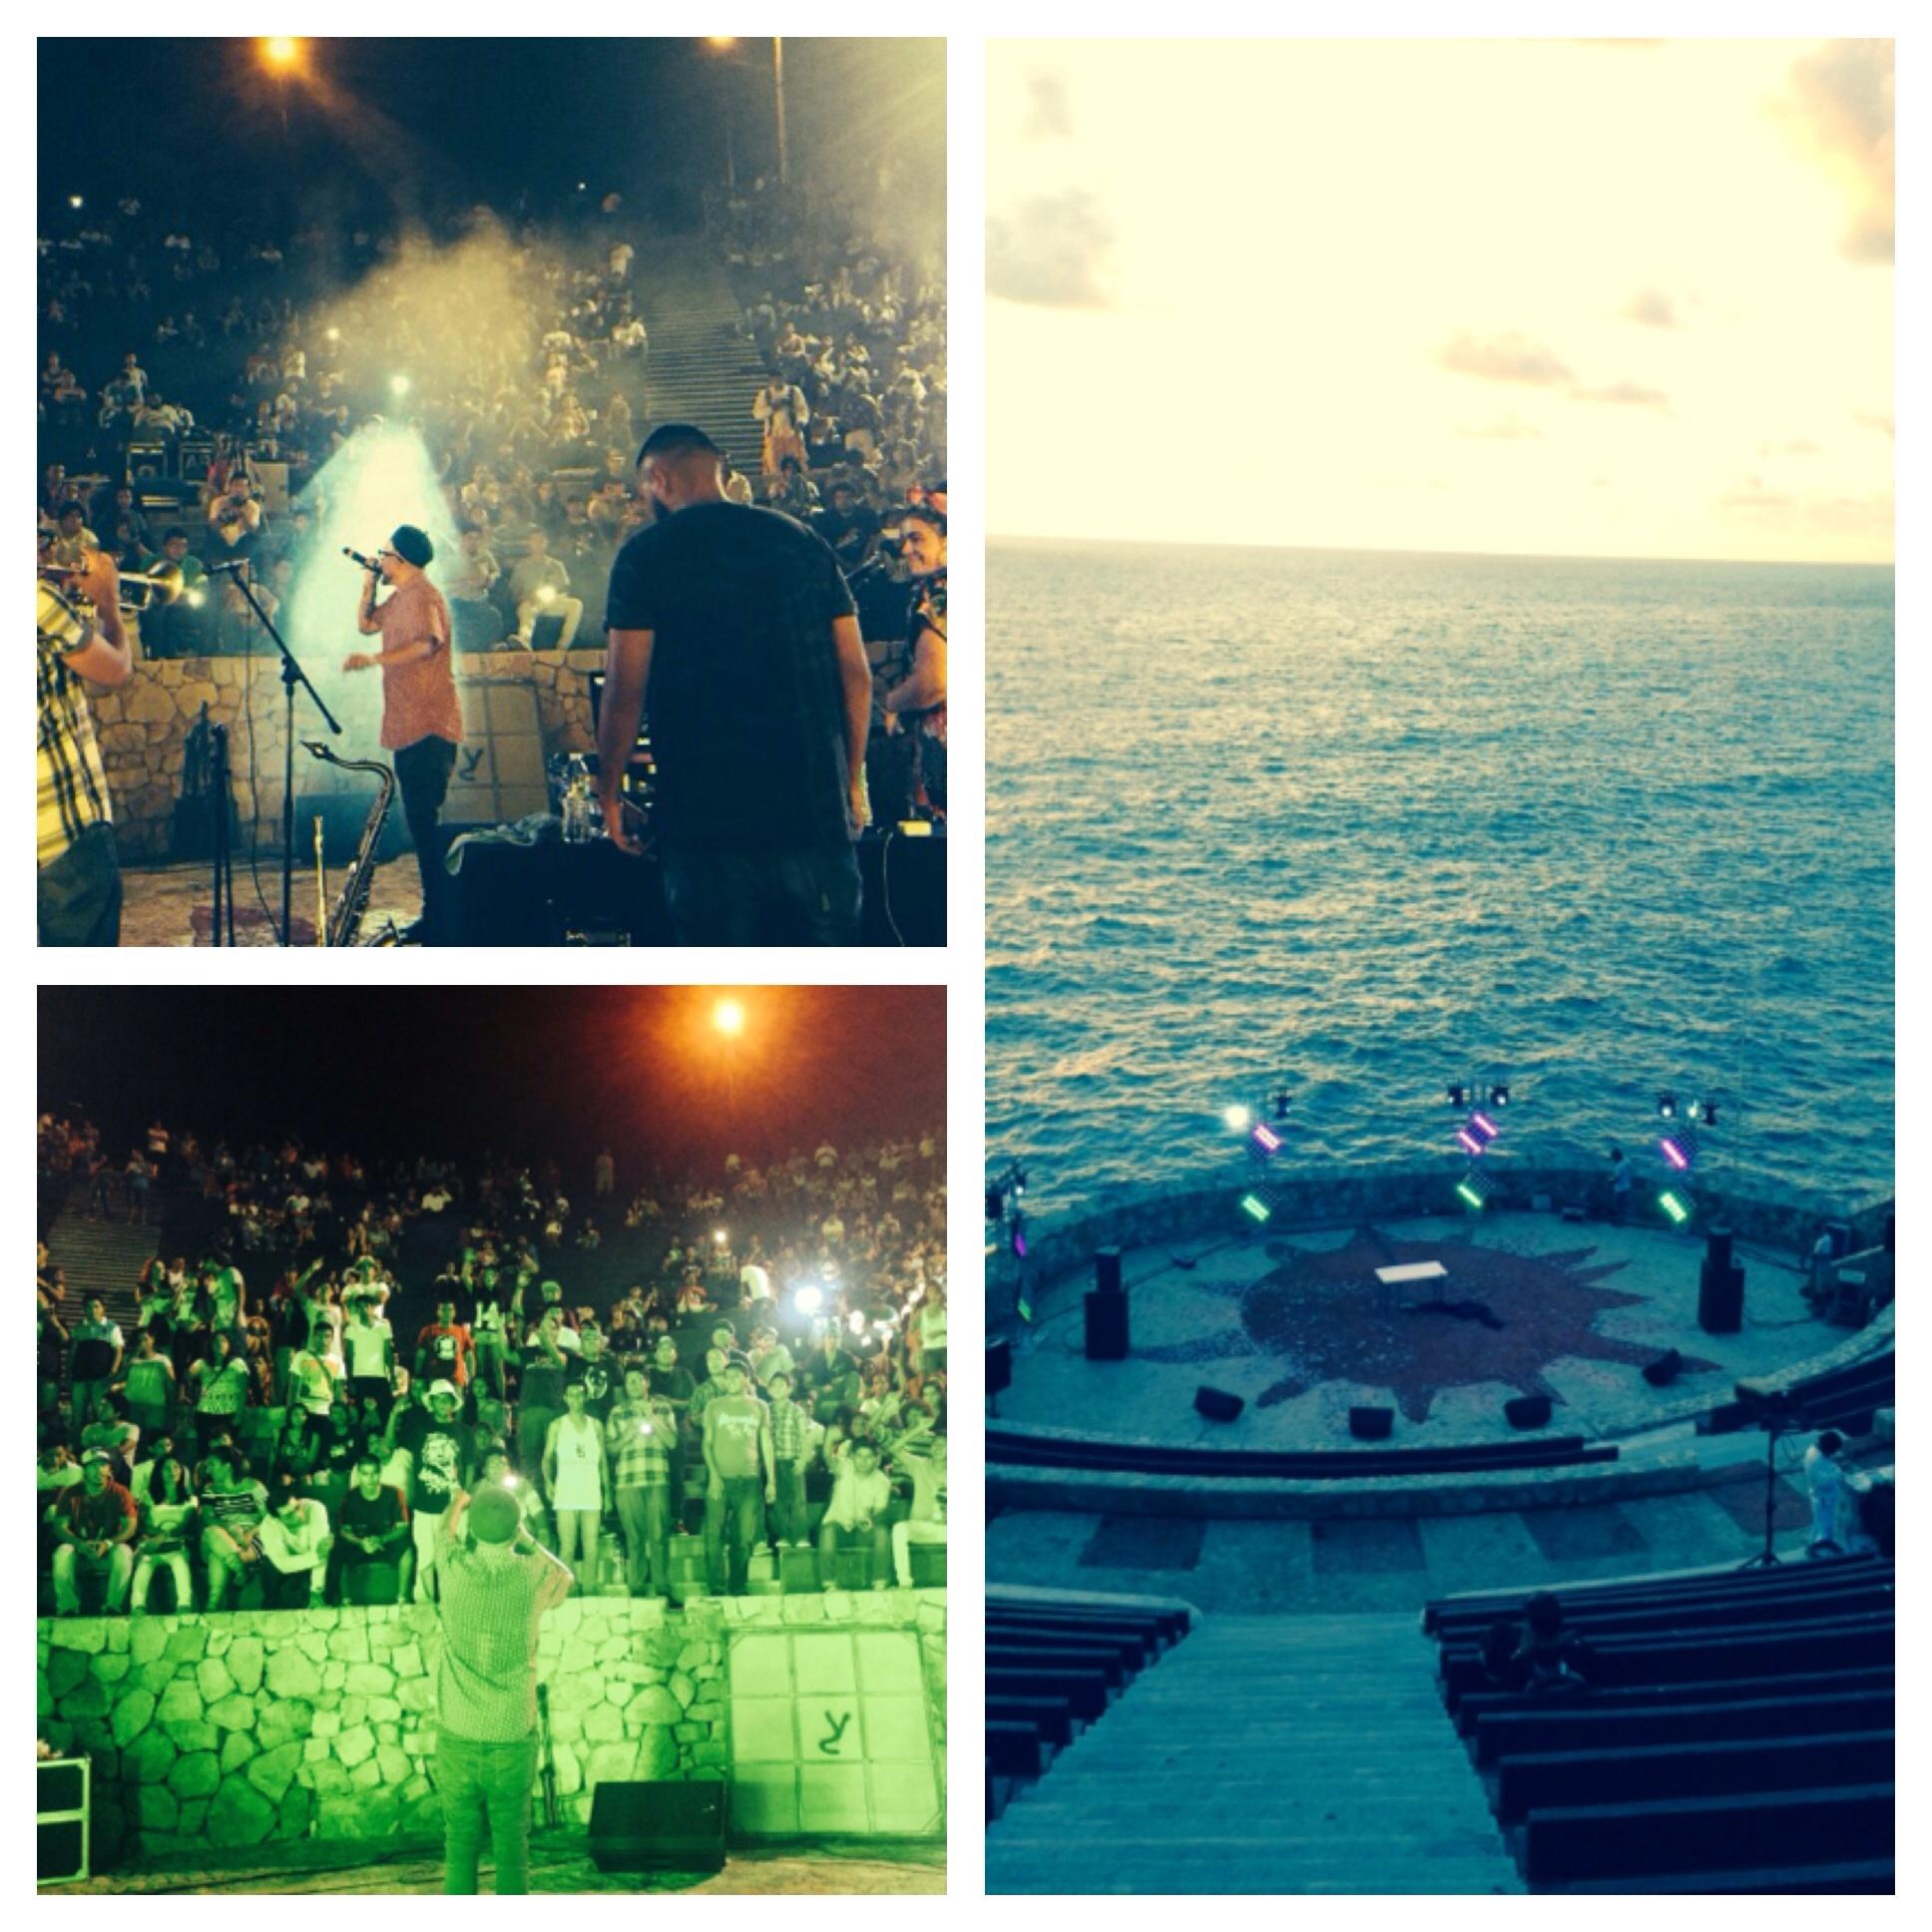 Bocafloja en el Festival Internacional La Nao 2015, Acapulco.